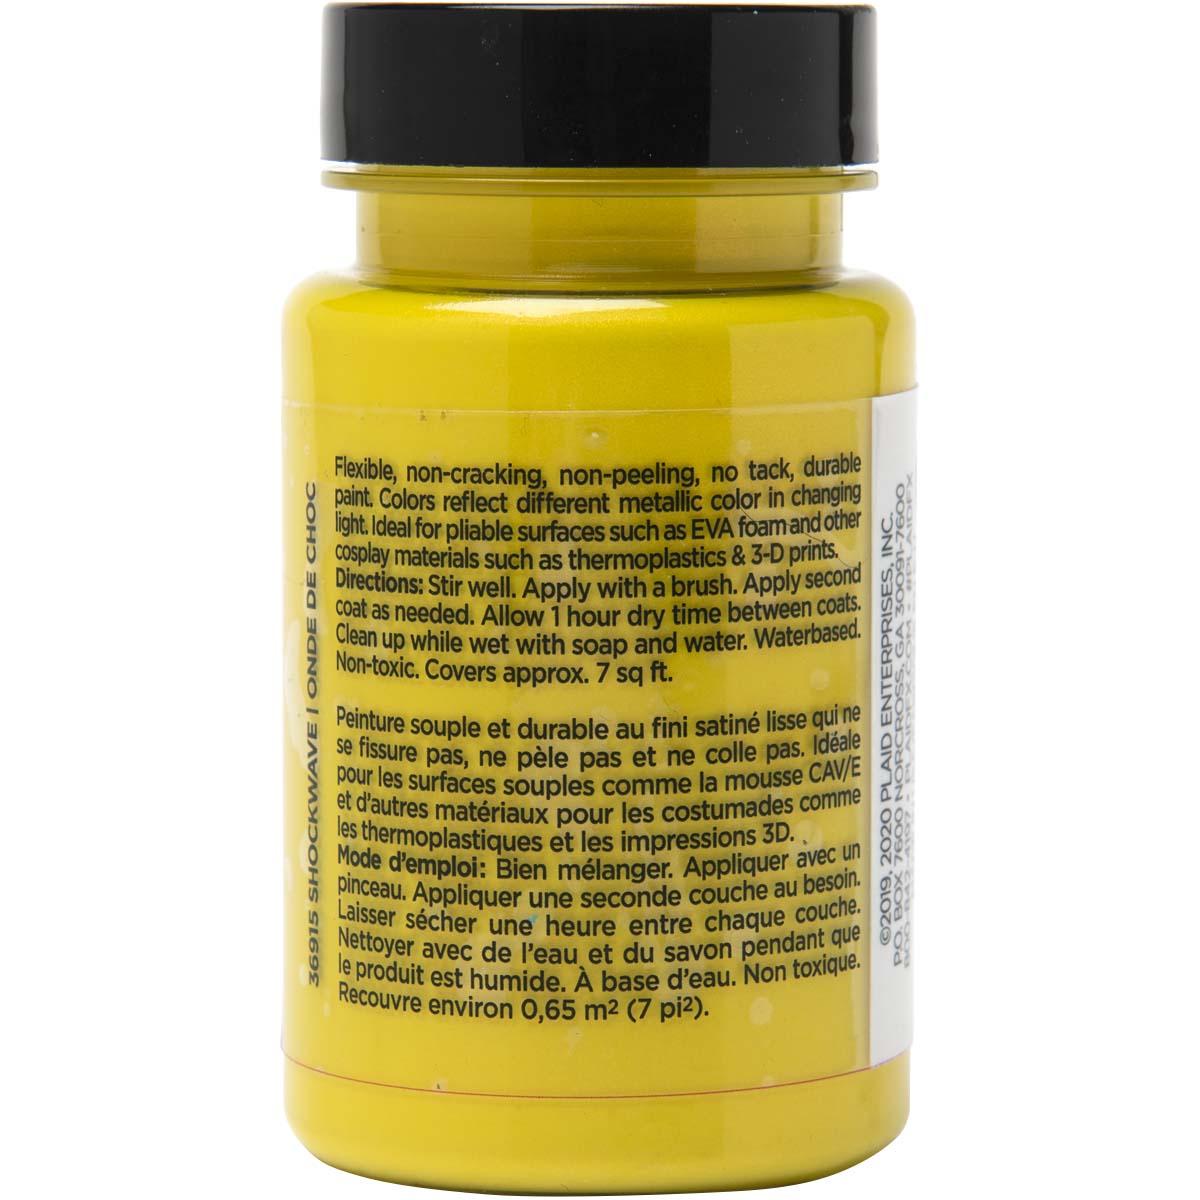 PlaidFX Mutant Shift Flexible Acrylic Paint - Shockwave, 3 oz. - 36915